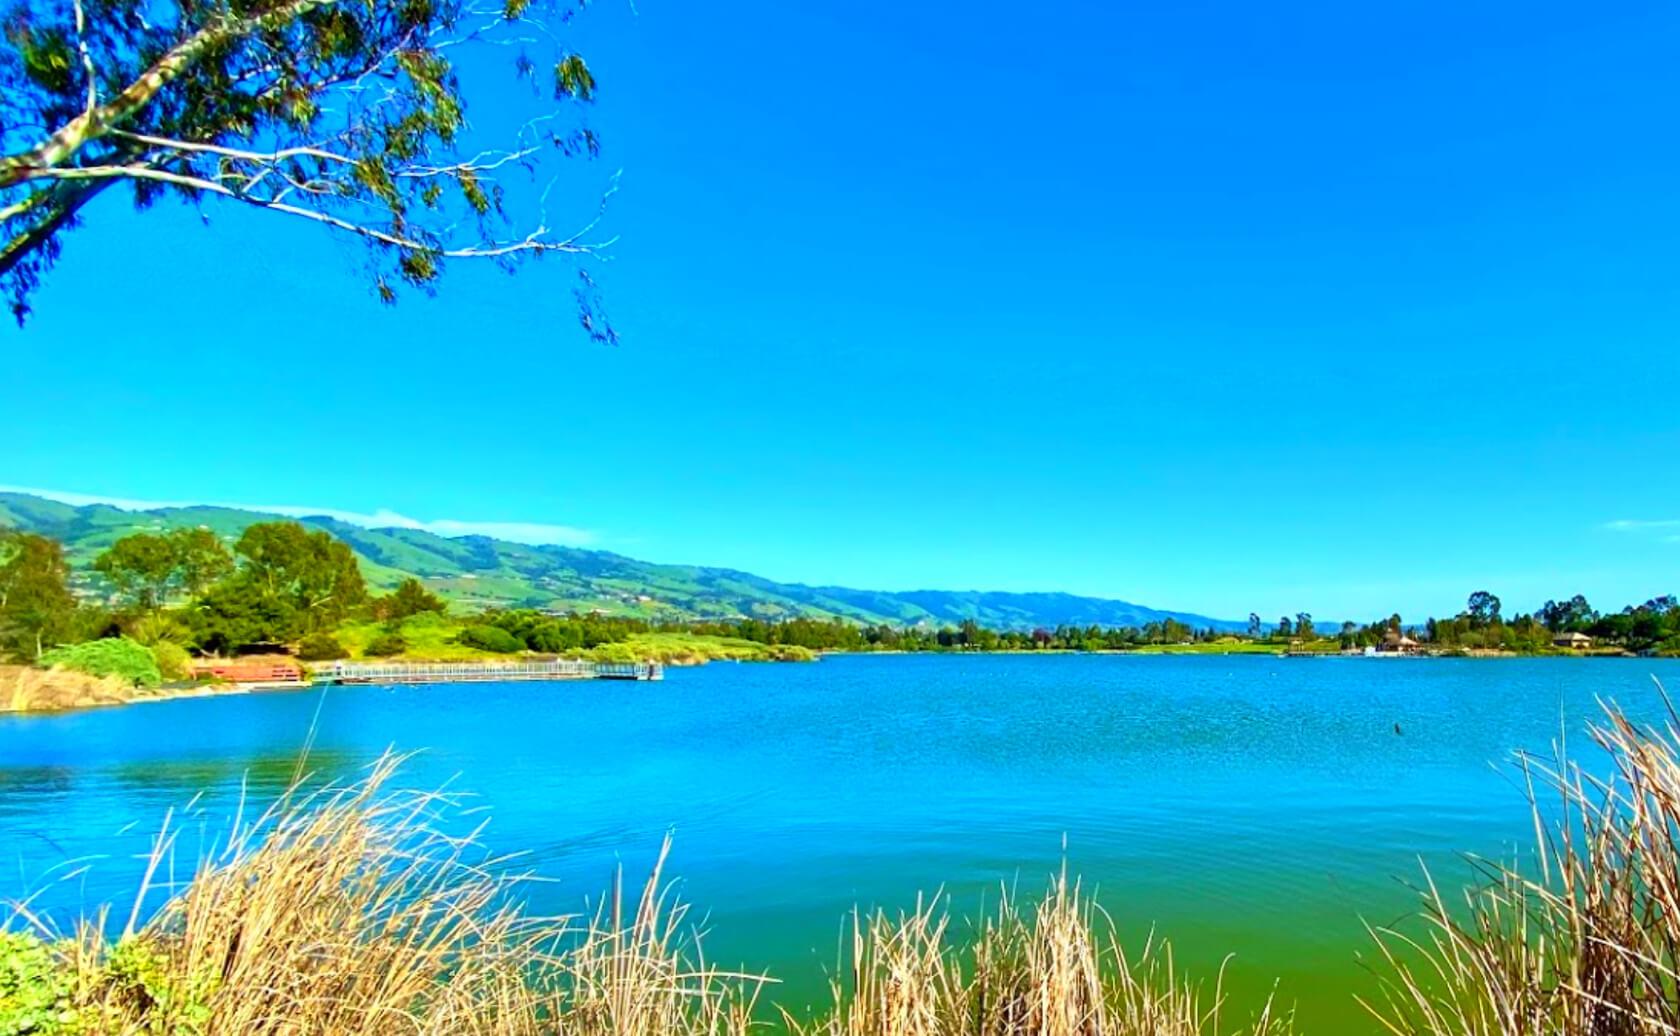 Lake-Cunningham-Fishing-Guide-Report-San-Jose-CA-01 Copy 3